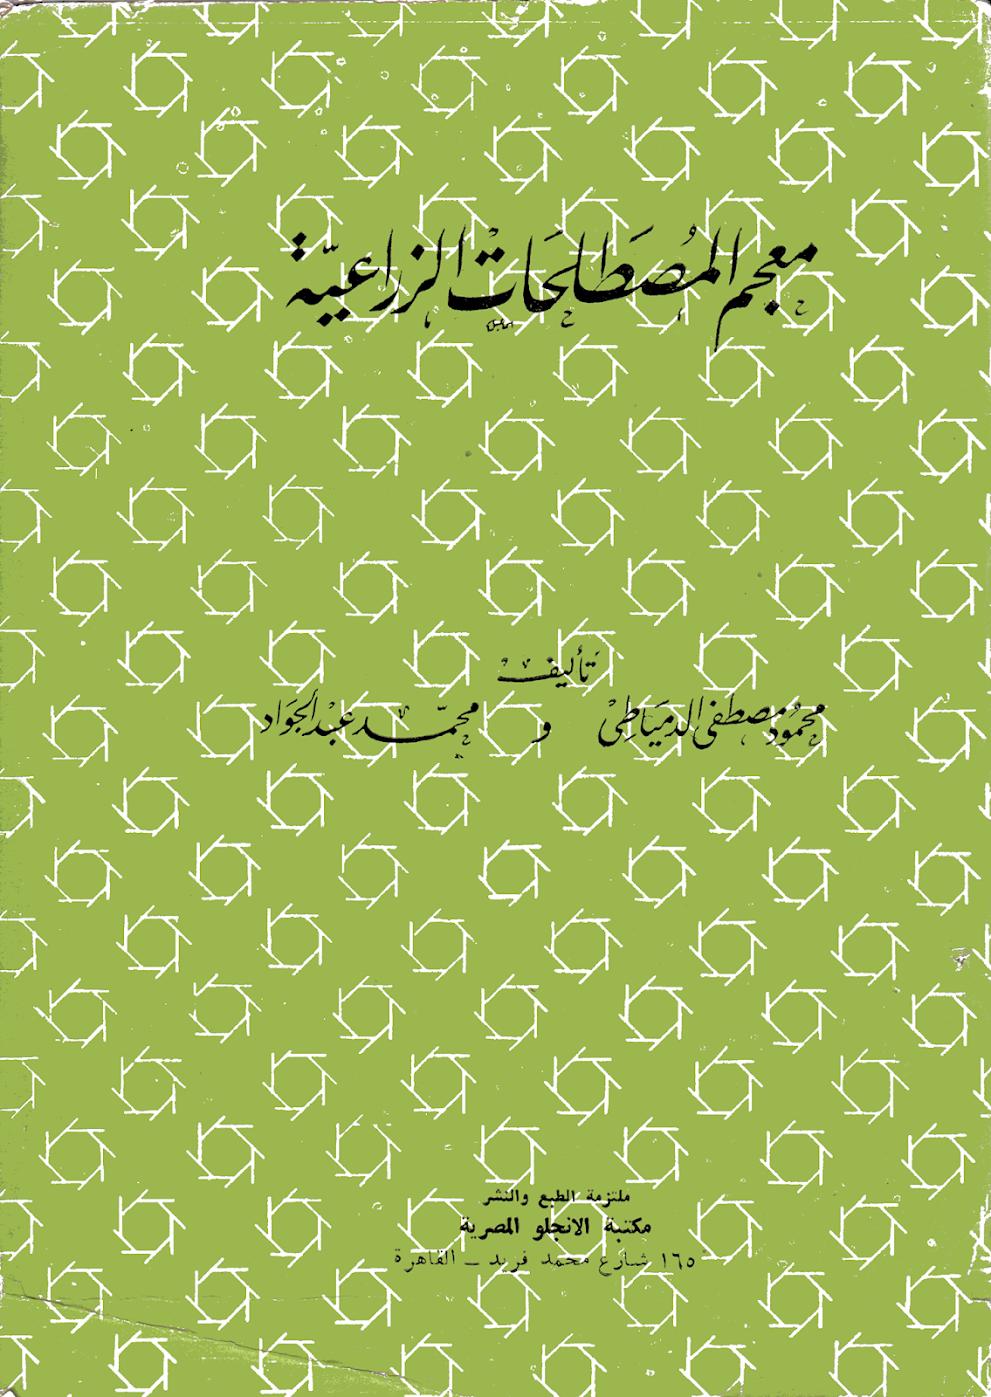 كتاب : معجم المصطلحات الزراعية